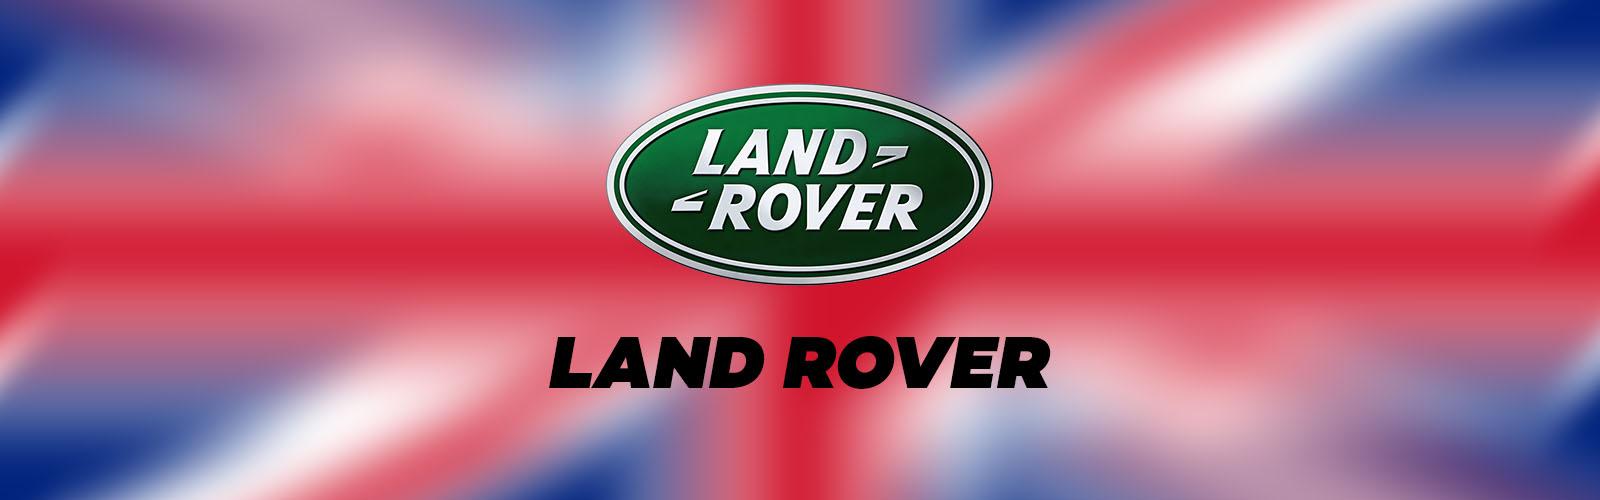 Land Rover logo marque